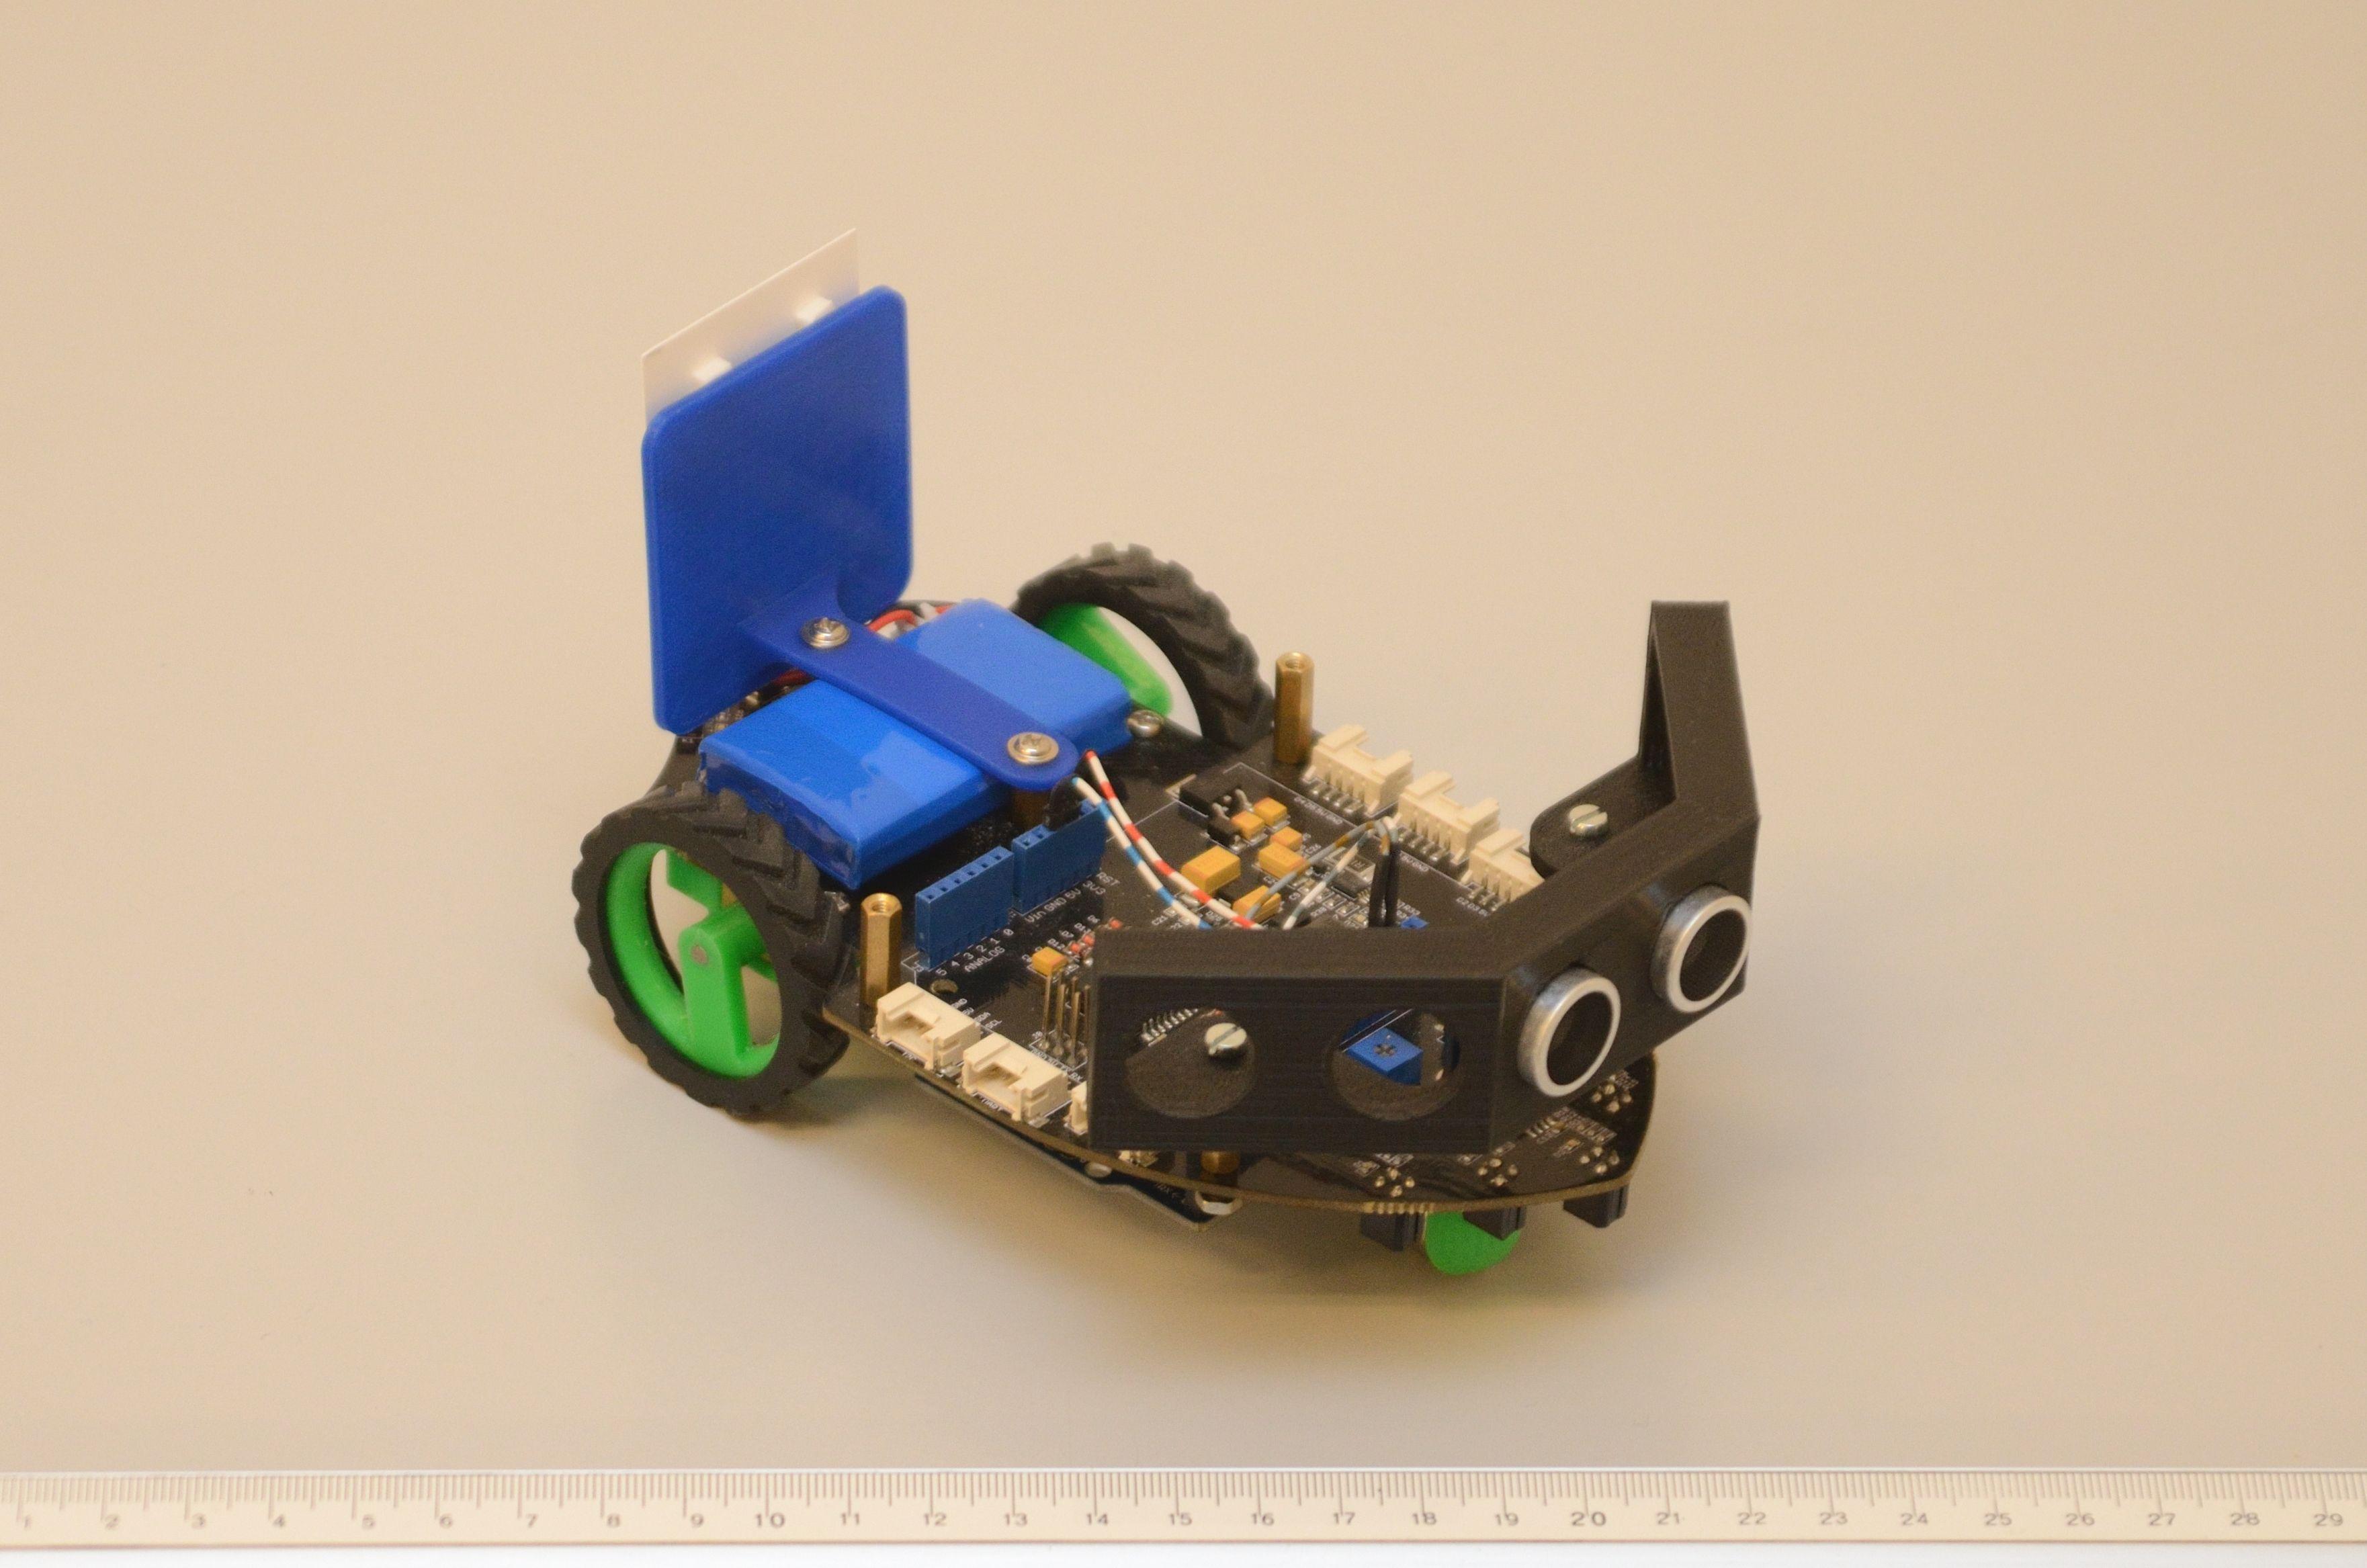 PP0_6938 robotnummer 40